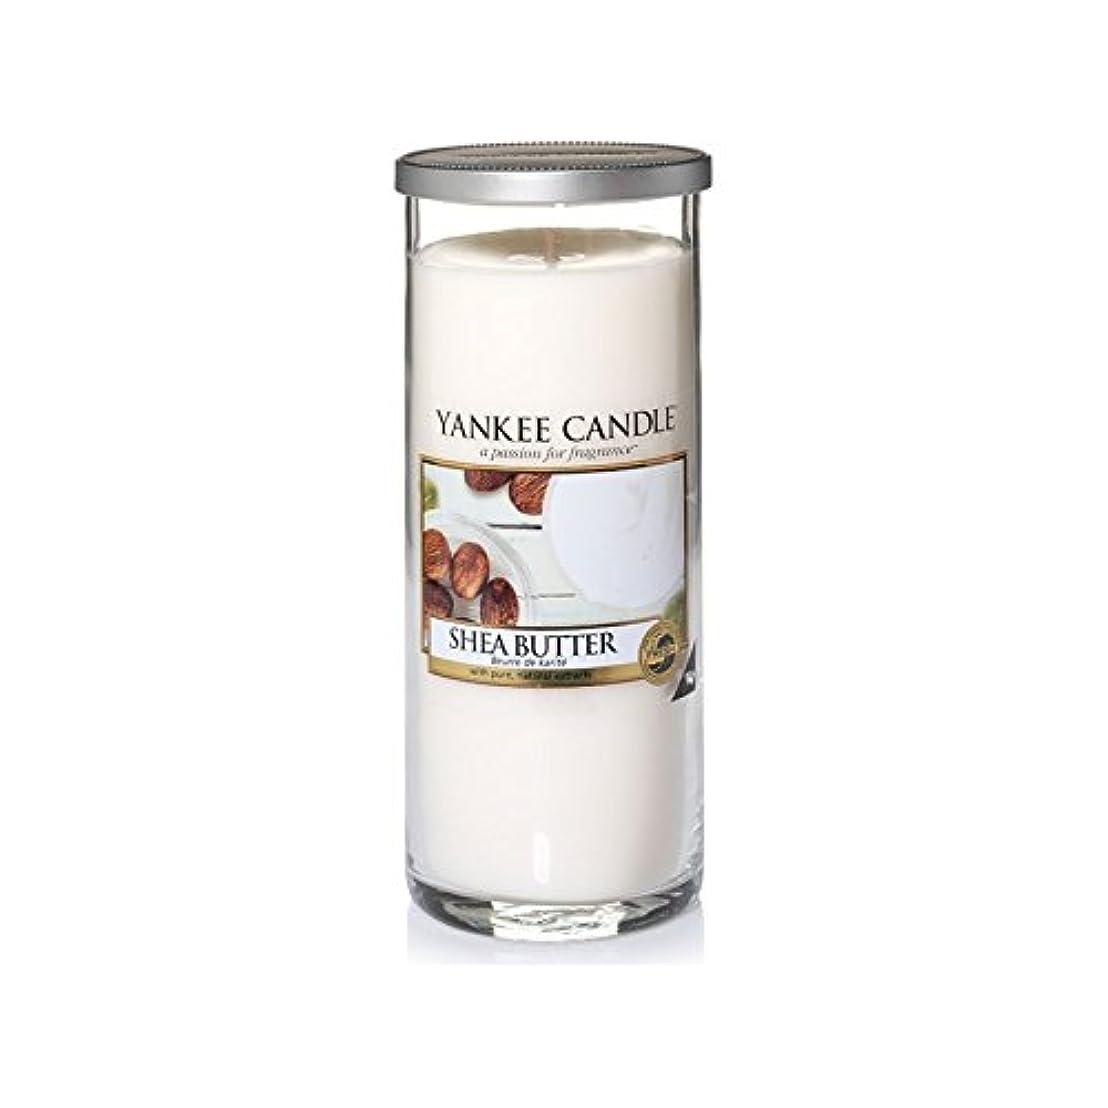 ゴール光景インサートYankee Candles Large Pillar Candle - Shea Butter (Pack of 2) - ヤンキーキャンドル大きな柱キャンドル - シアバター (x2) [並行輸入品]